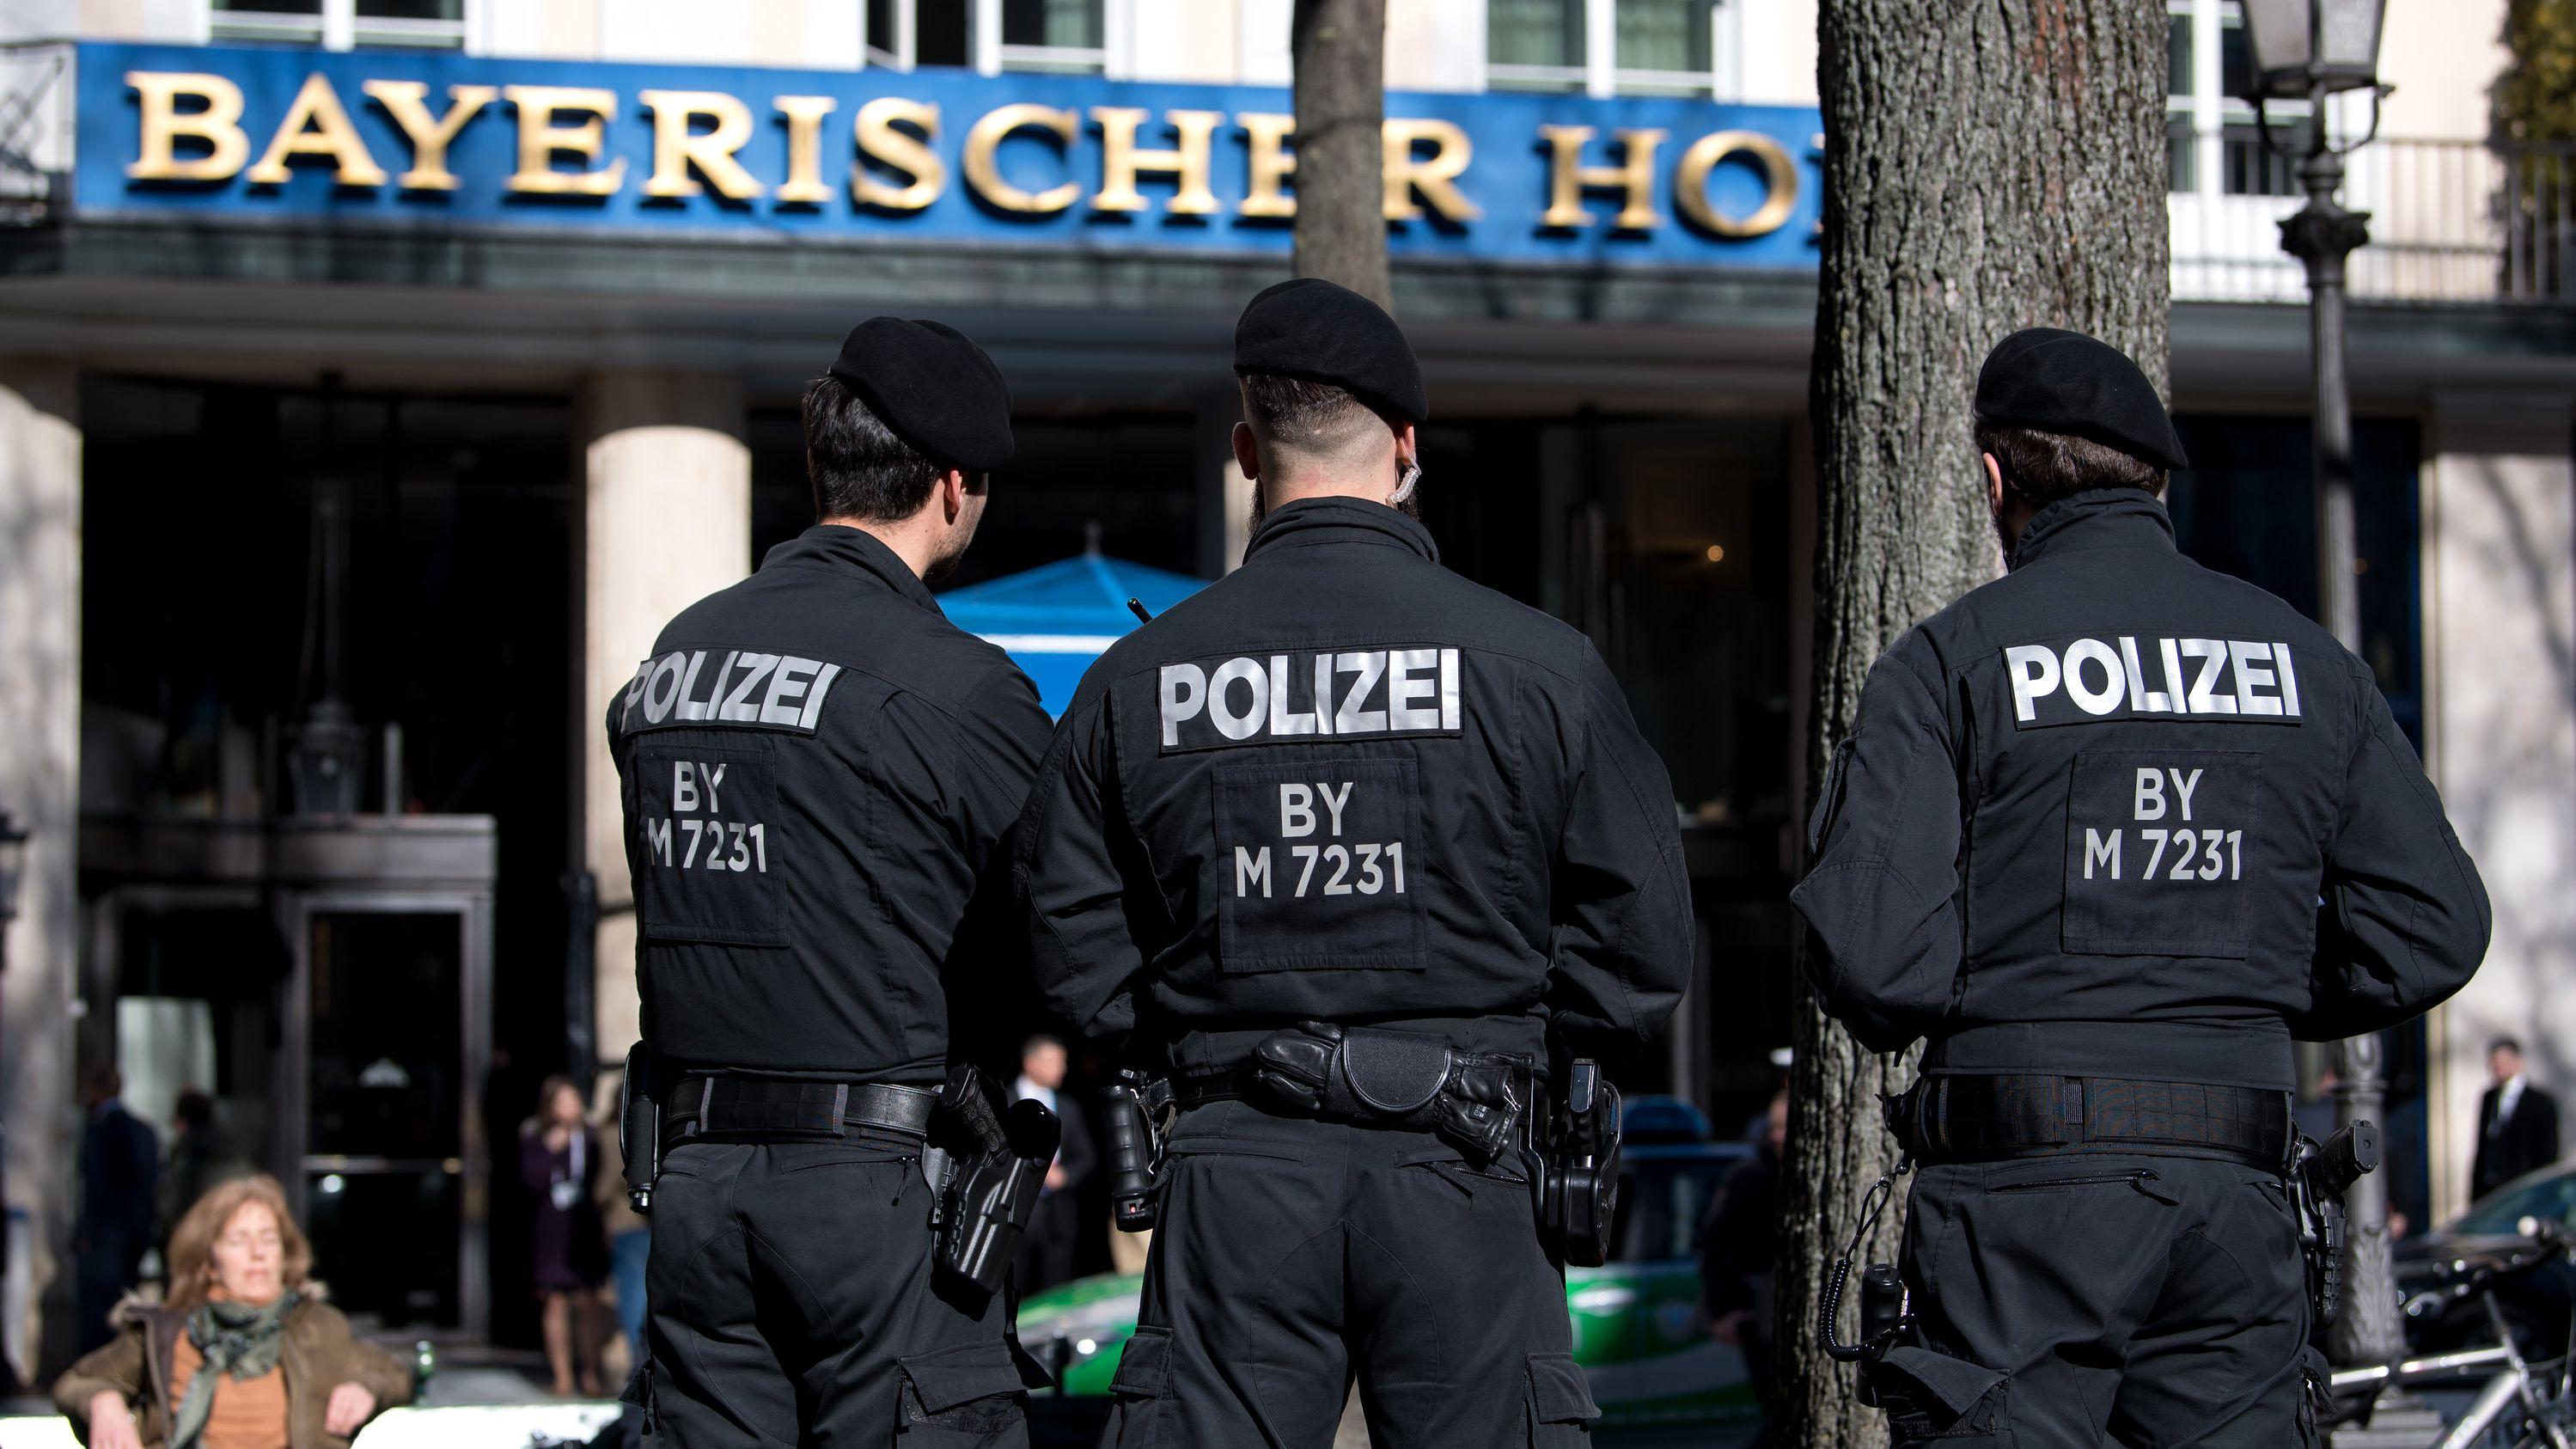 """Polizisten stehen während der Münchner Sicherheitskonferenz vor dem Tagungshotel """"Bayerischer Hof"""".  (Archivbild)"""